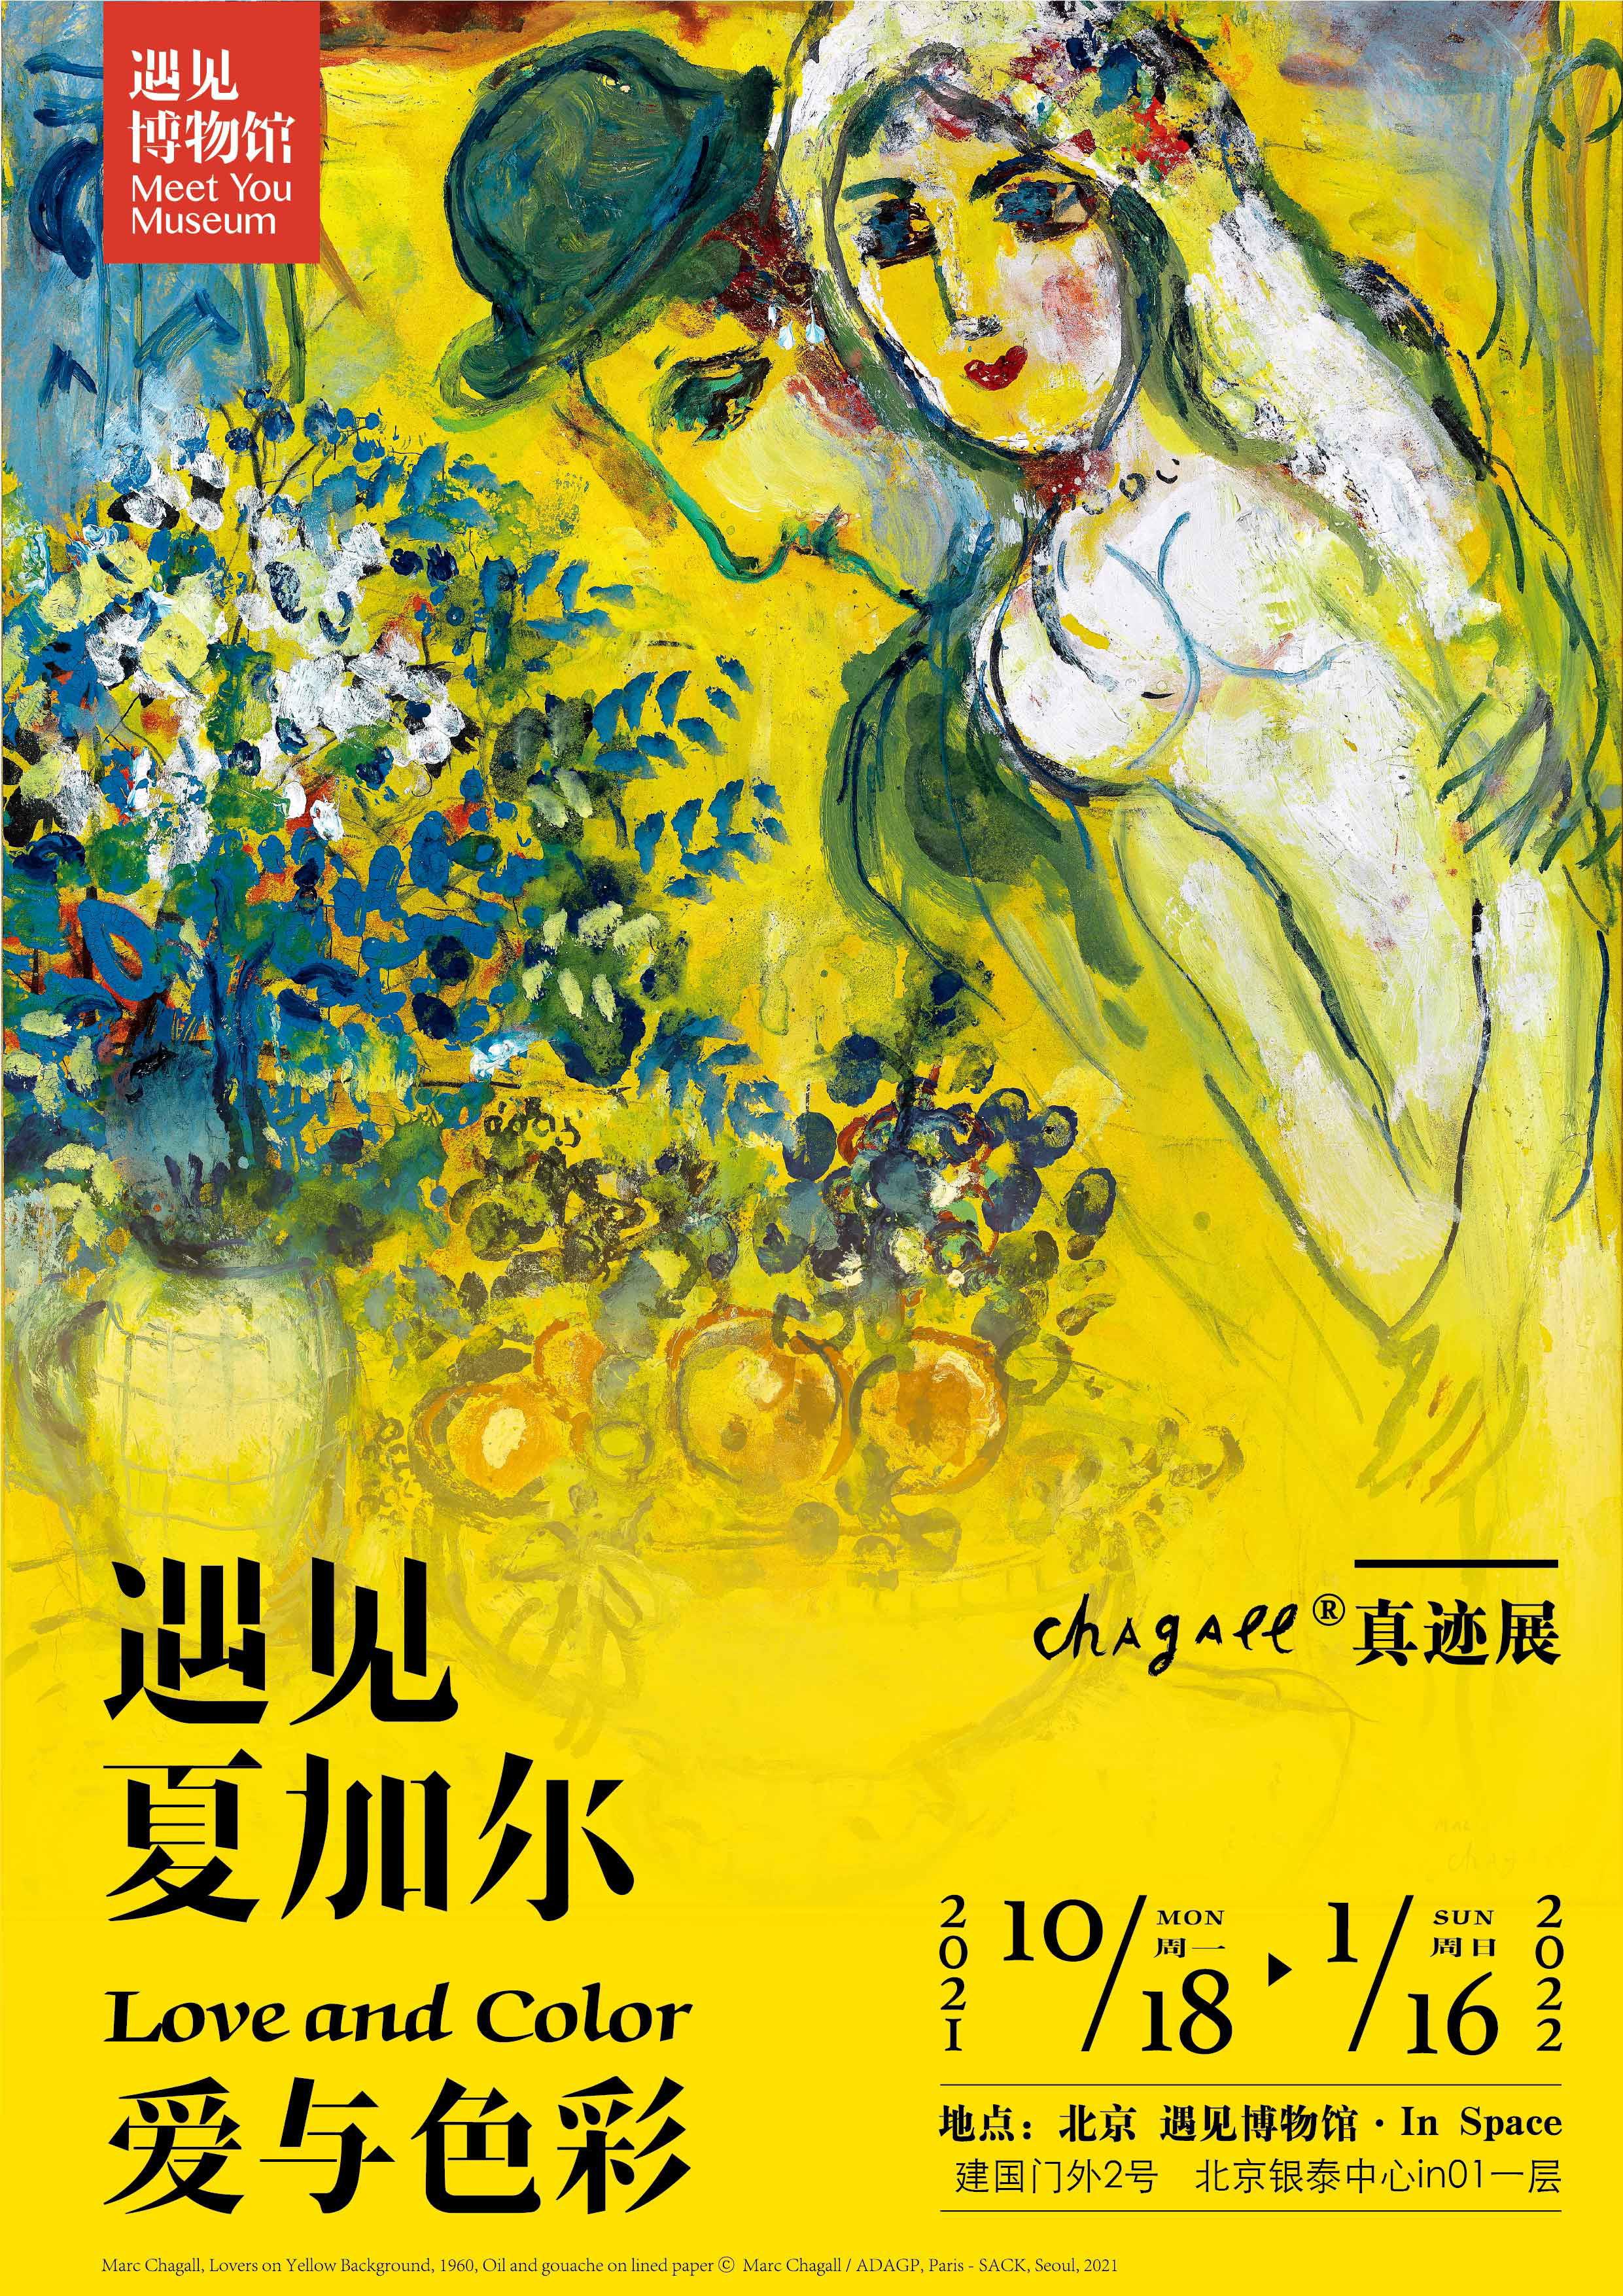 【北京】【真迹展】遇见夏加尔 · 爱与色彩